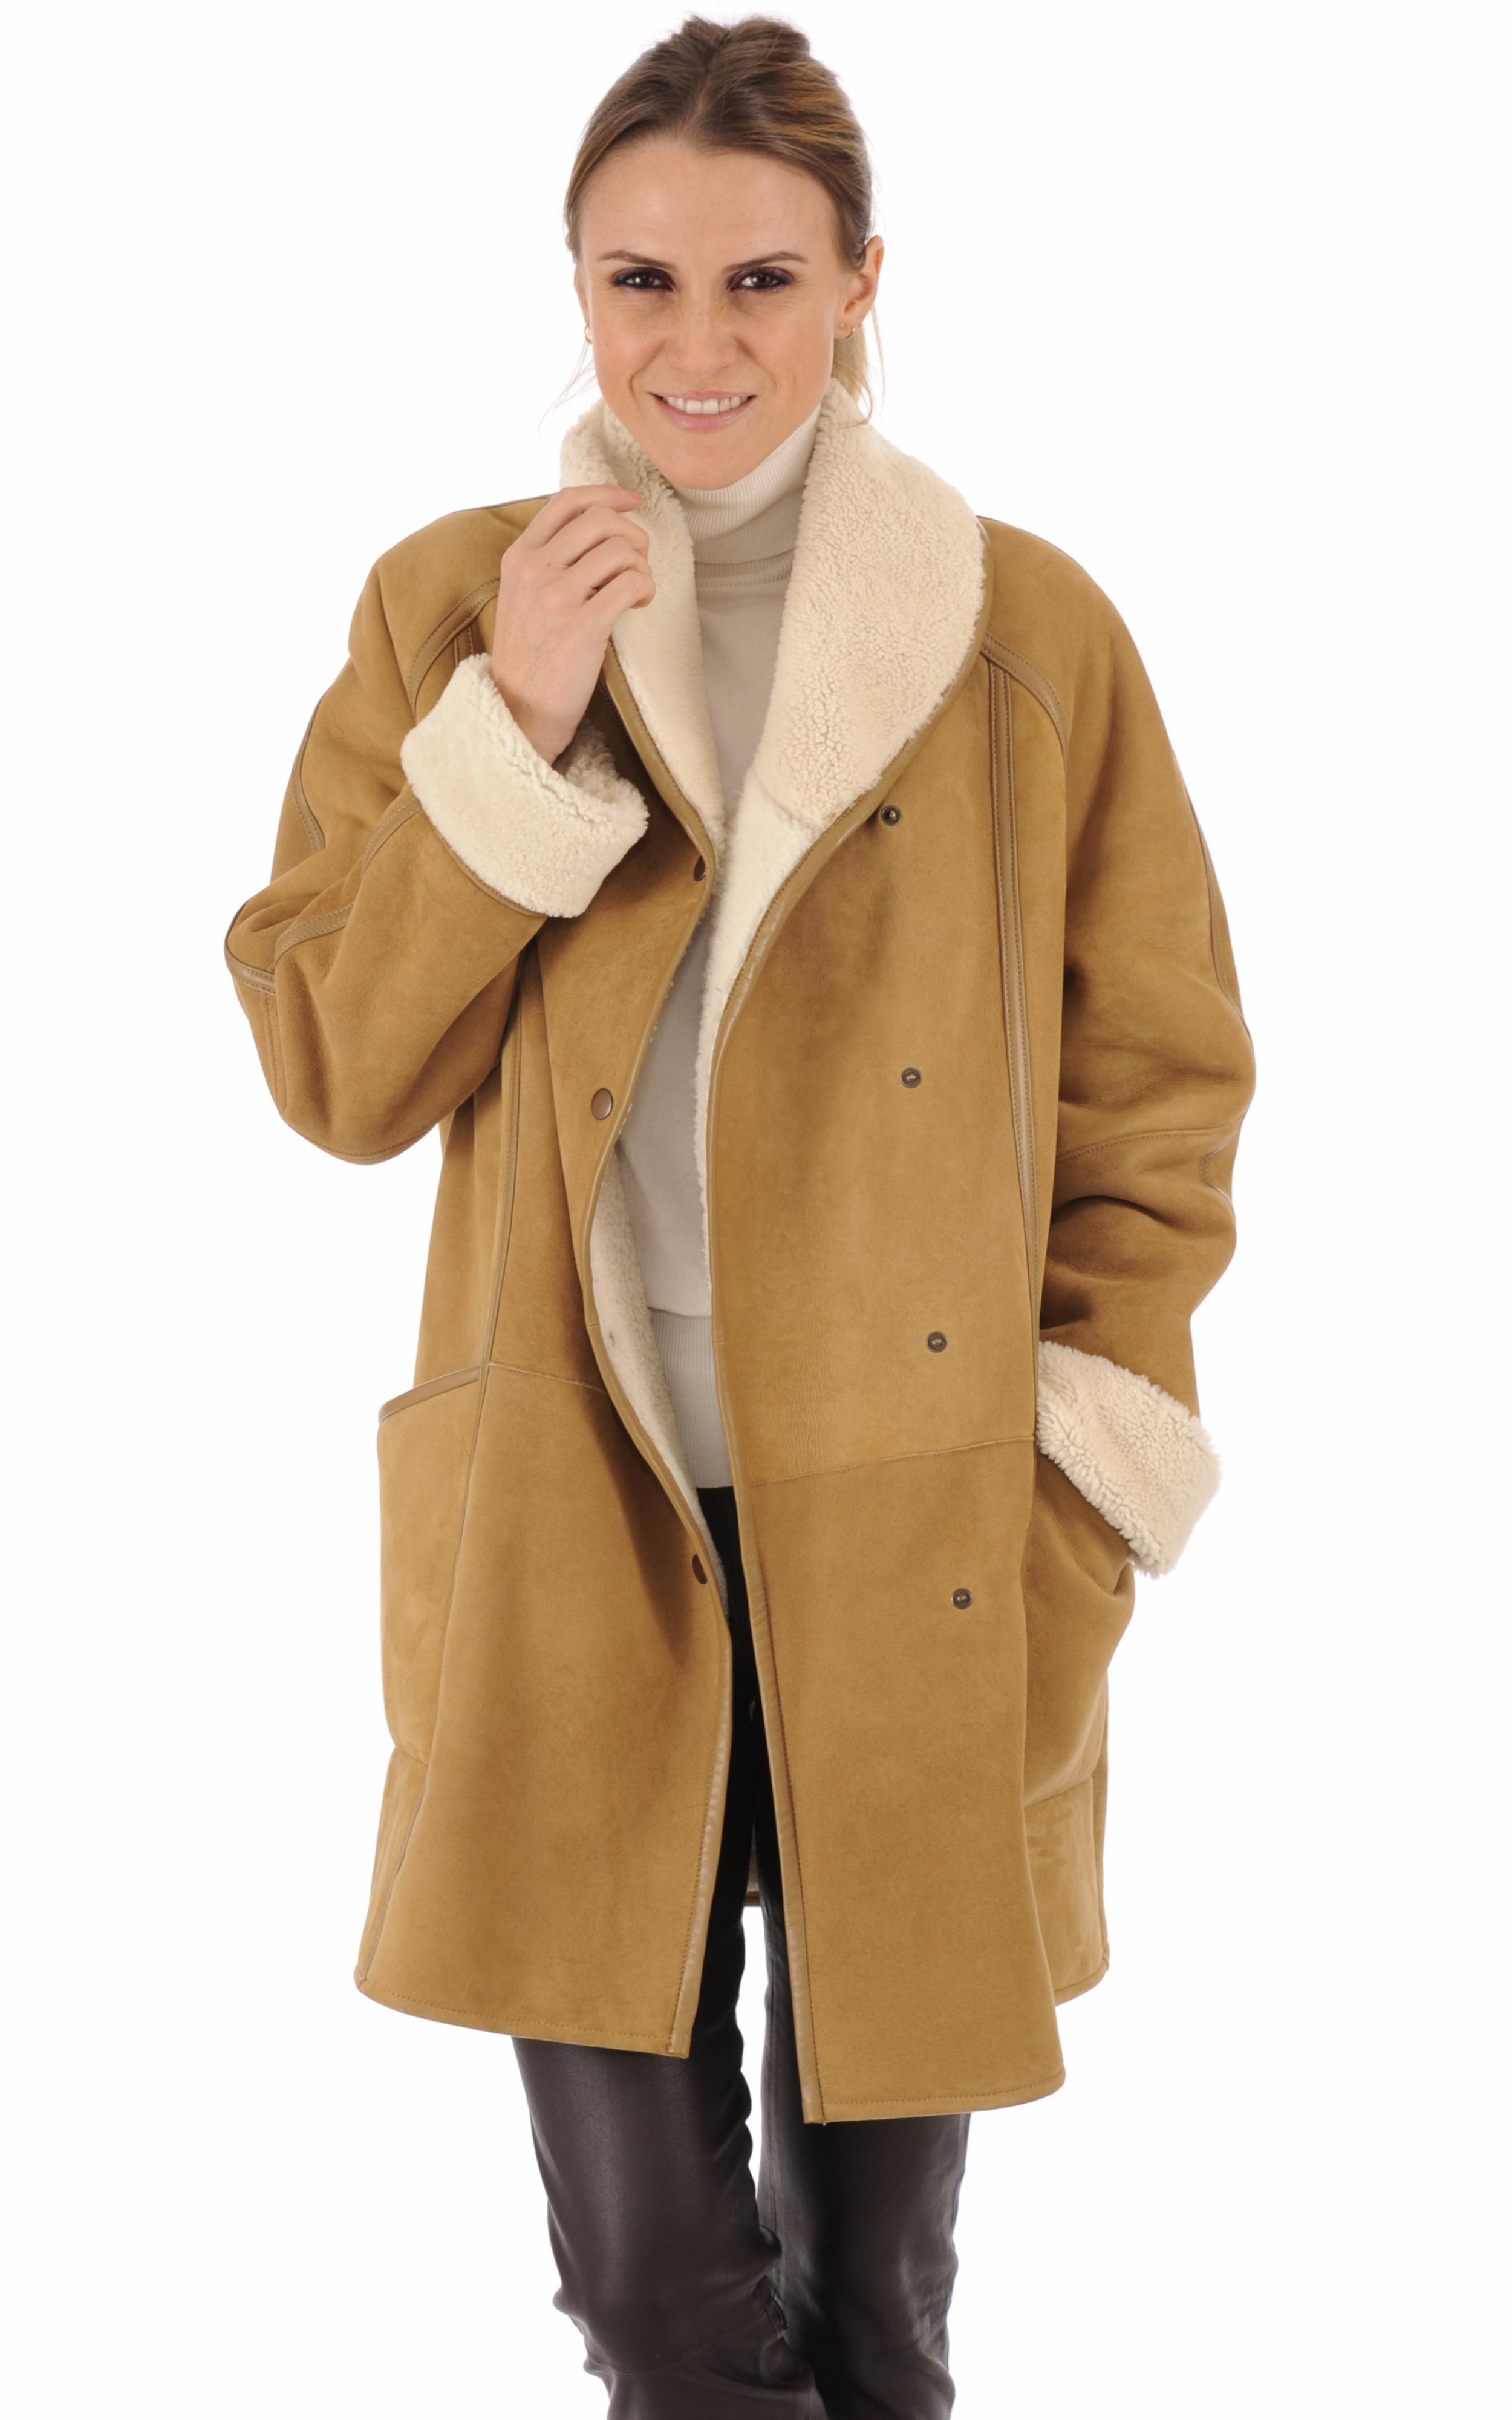 Veste agneau camel esprit vintage La Canadienne